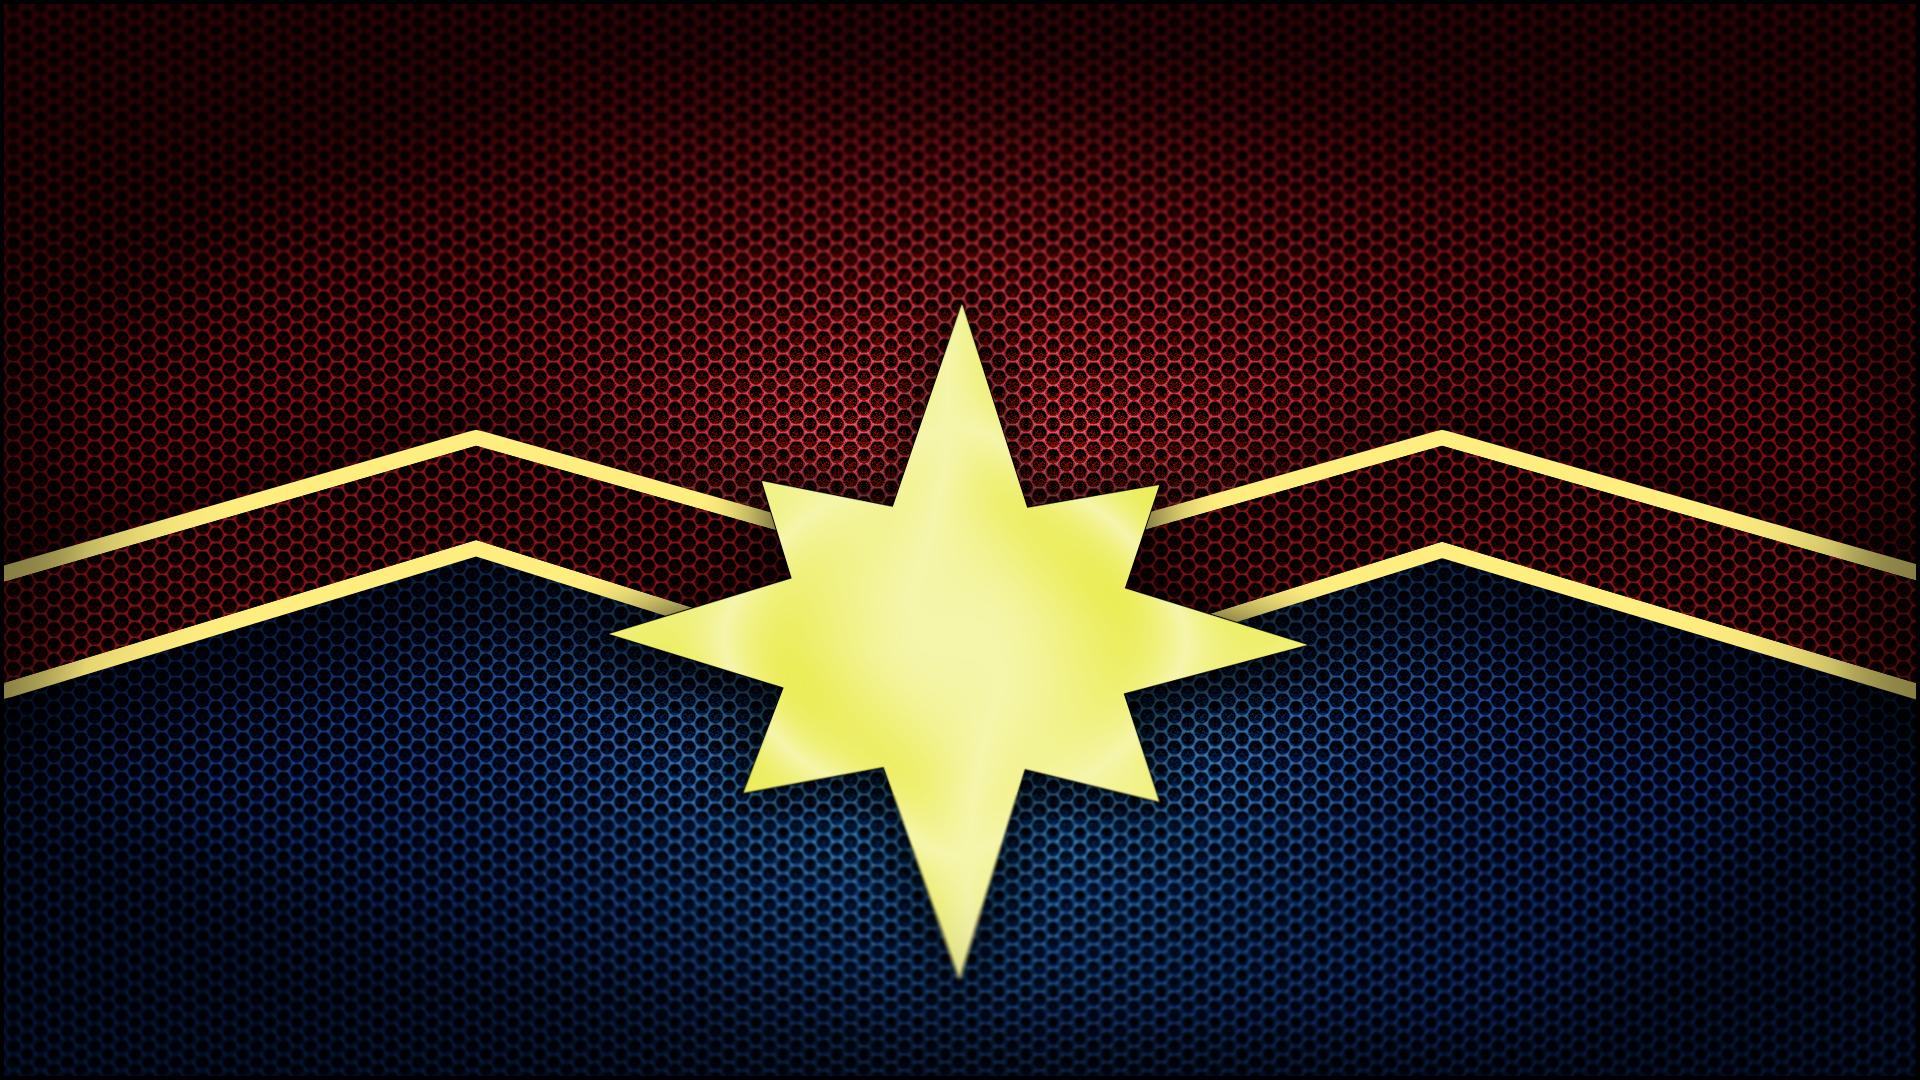 1920x1080 Captain Marvel Logo Laptop Full HD 1080P HD 4k ...